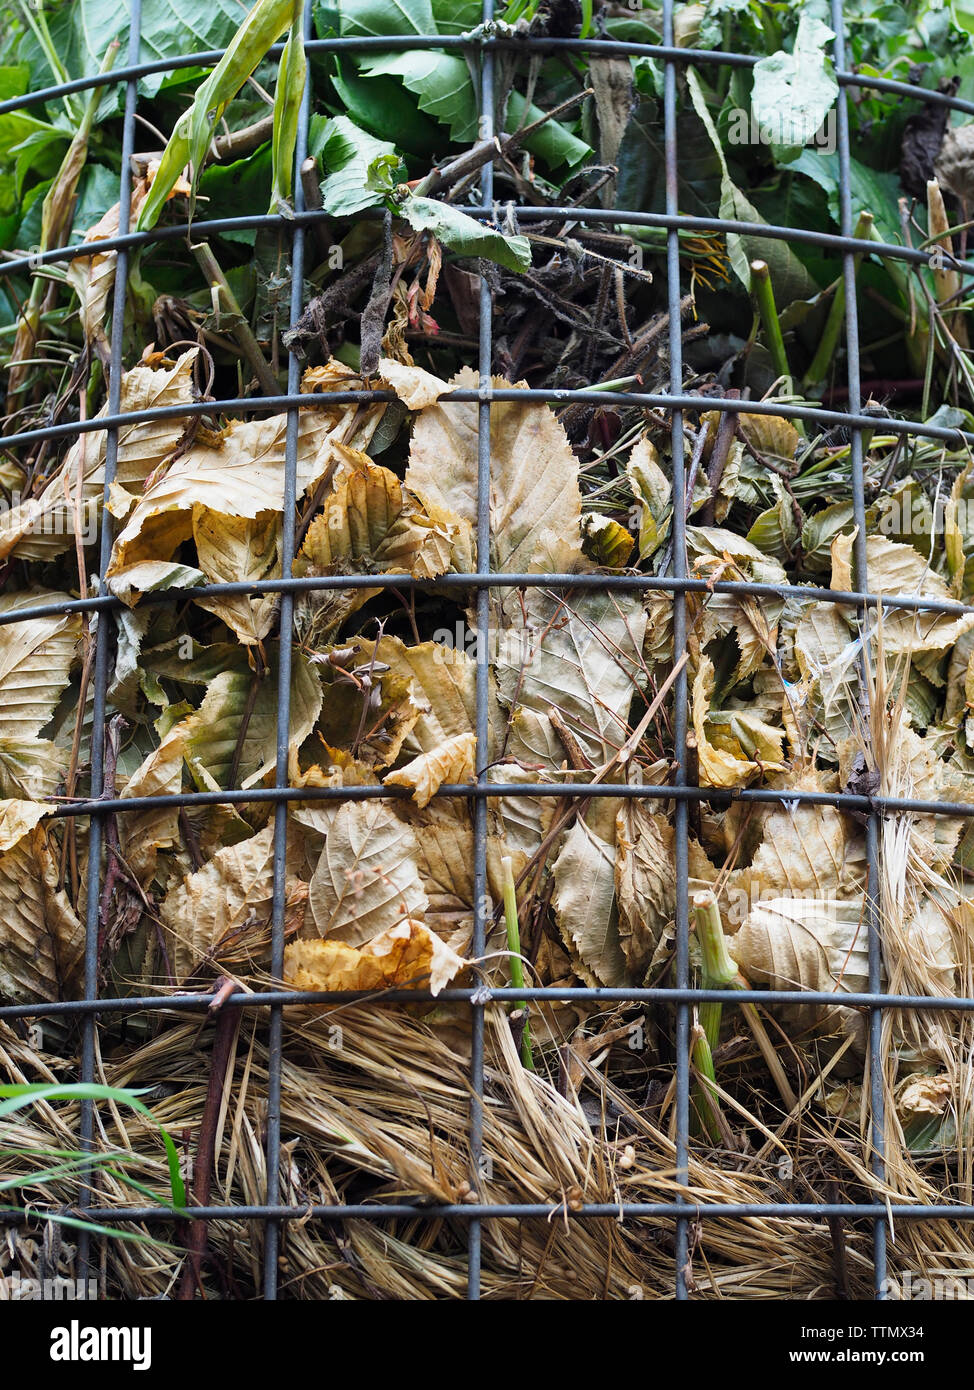 Offene Kompostierung (offene Miete) in einem Kleingarten in der Schweiz Stock Photo